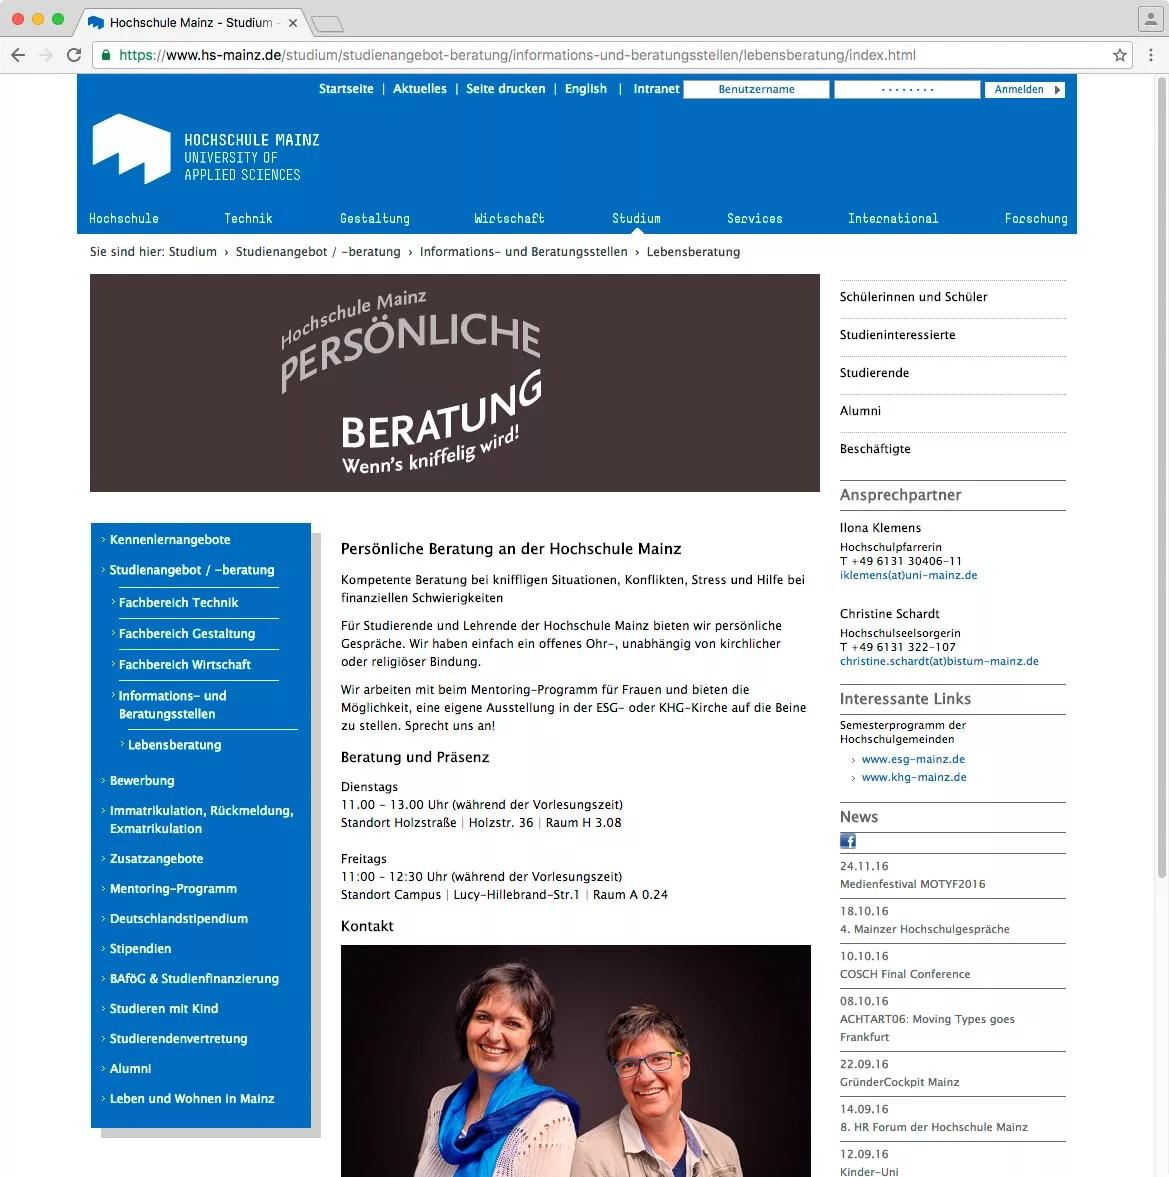 Online-Darstellung auf der Webseite der Hochschule Mainz